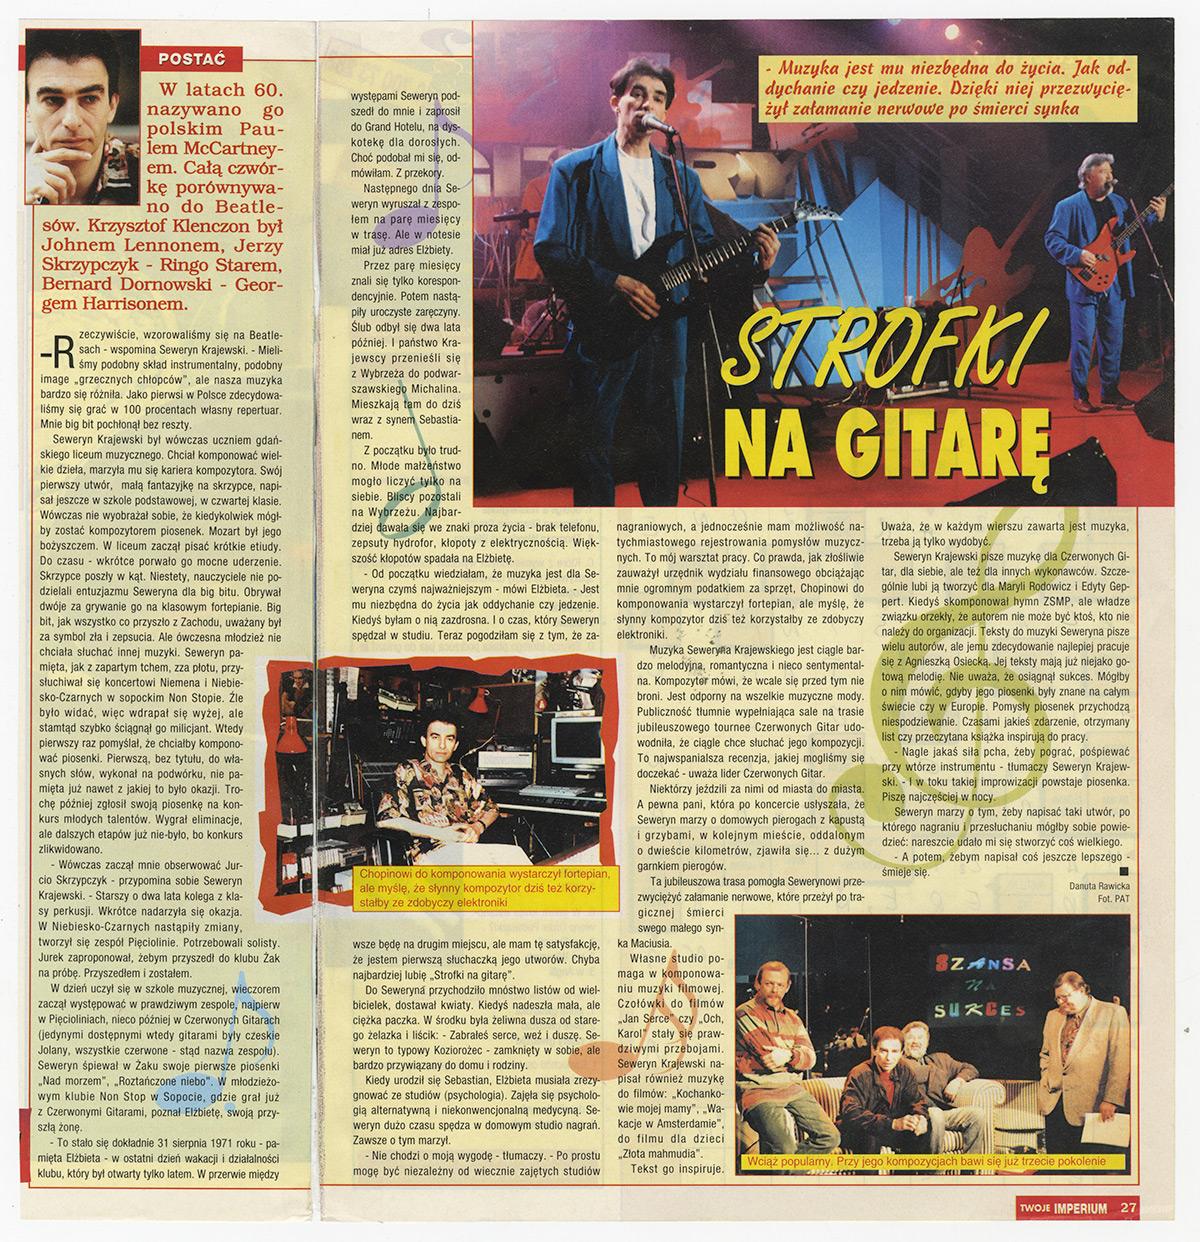 1991-2003-Strofki_na_gitare